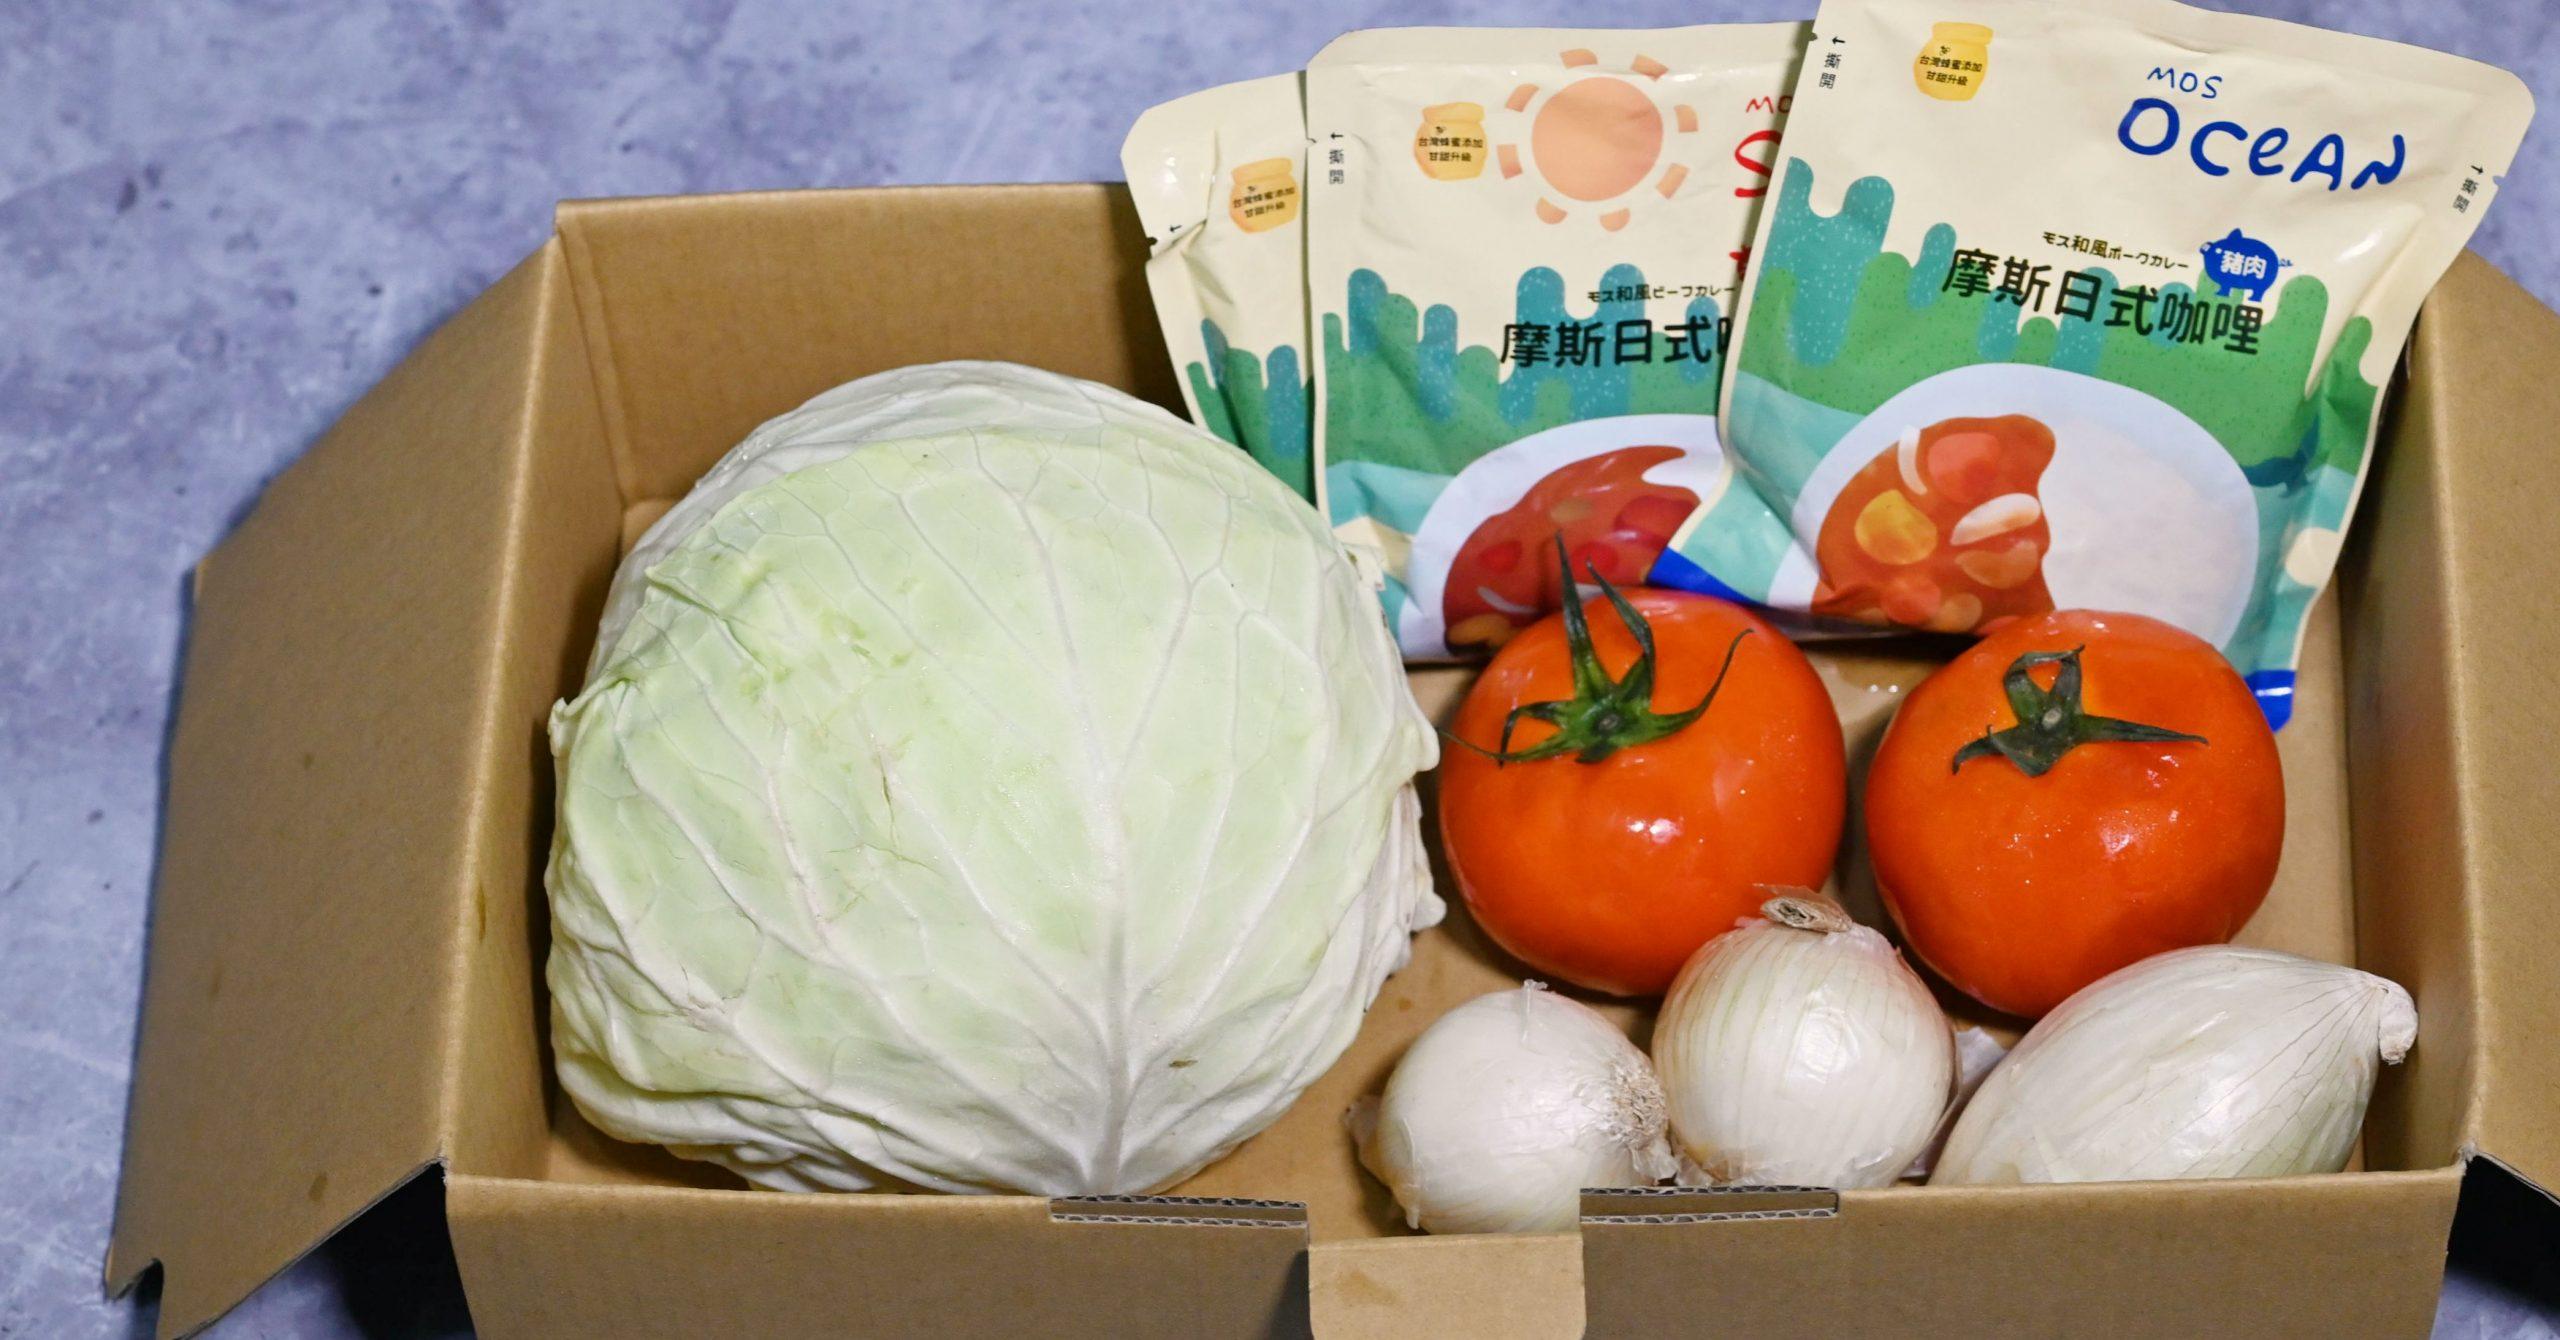 蔬菜箱推薦,蔬菜箱,摩斯漢堡蔬菜箱 @Nash,神之領域